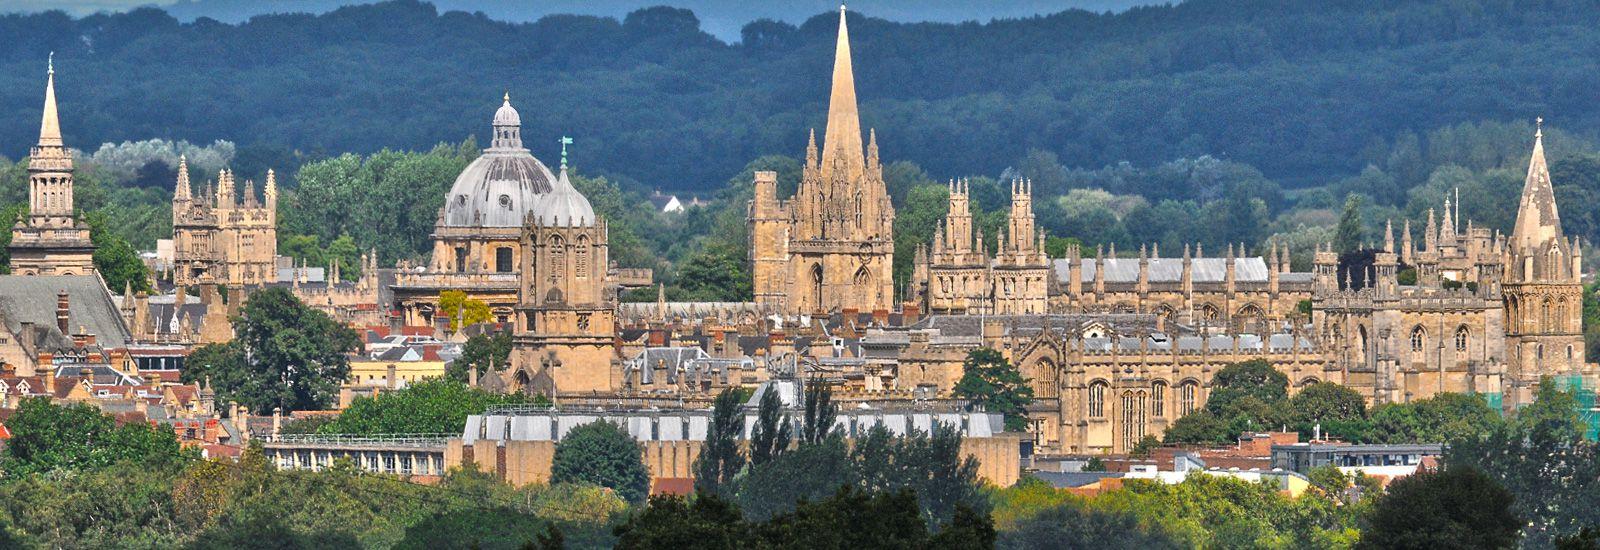 پایان نامه دانشجوی سعودی علیه امیرالمؤمنین علیه السلام در دانشگاه آکسفورد رد شد